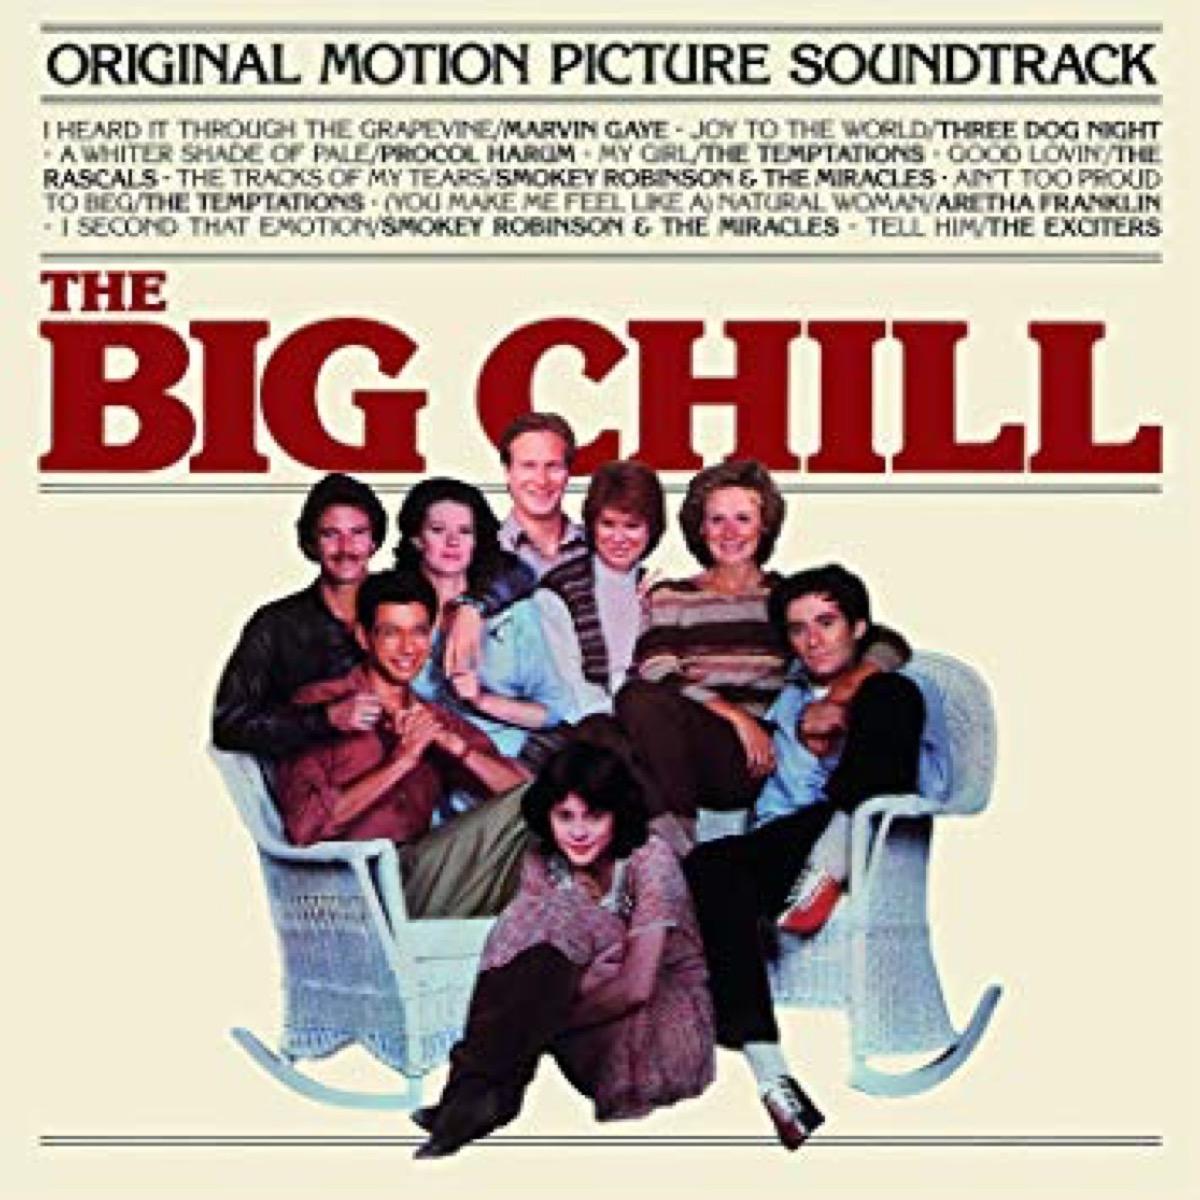 the big chill movie soundtrack album